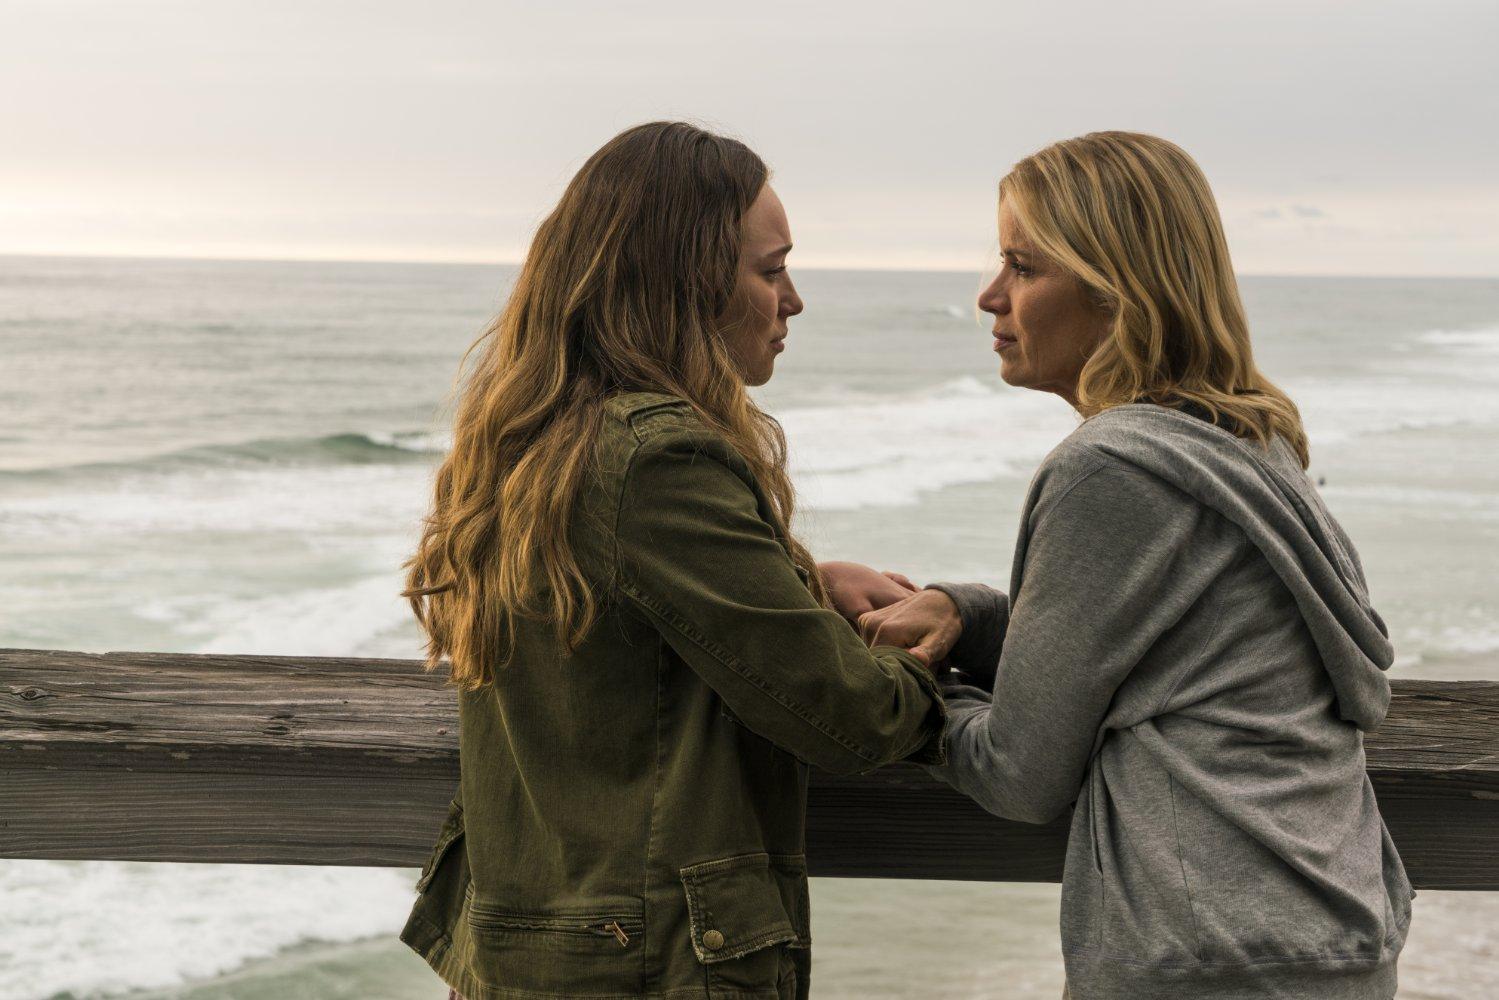 FTWD 2x13 recap - Alycia Debnam-Carey and Kim Dickens